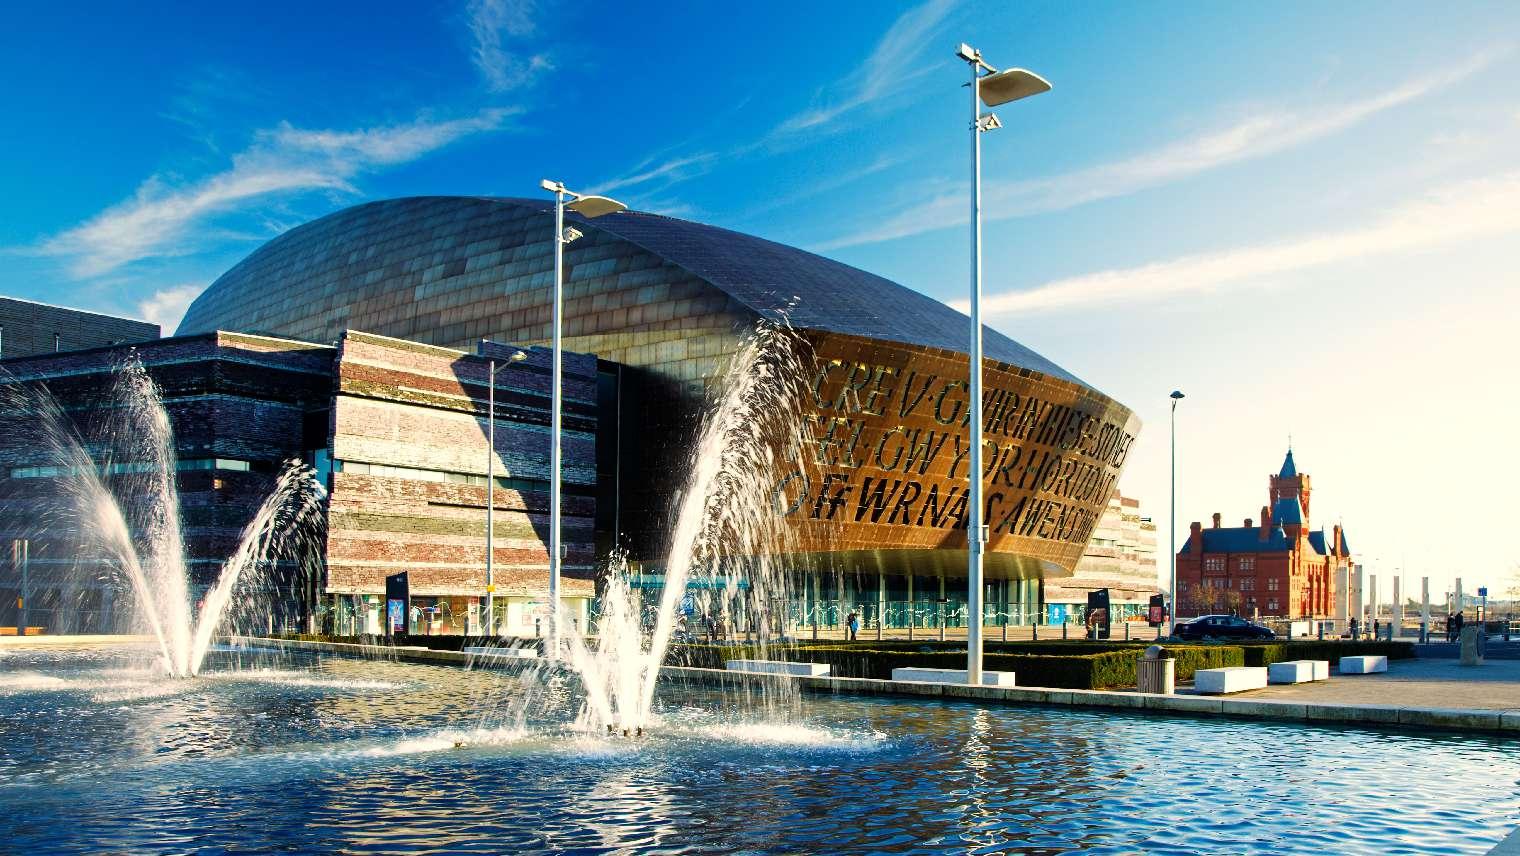 Cardiff, UK